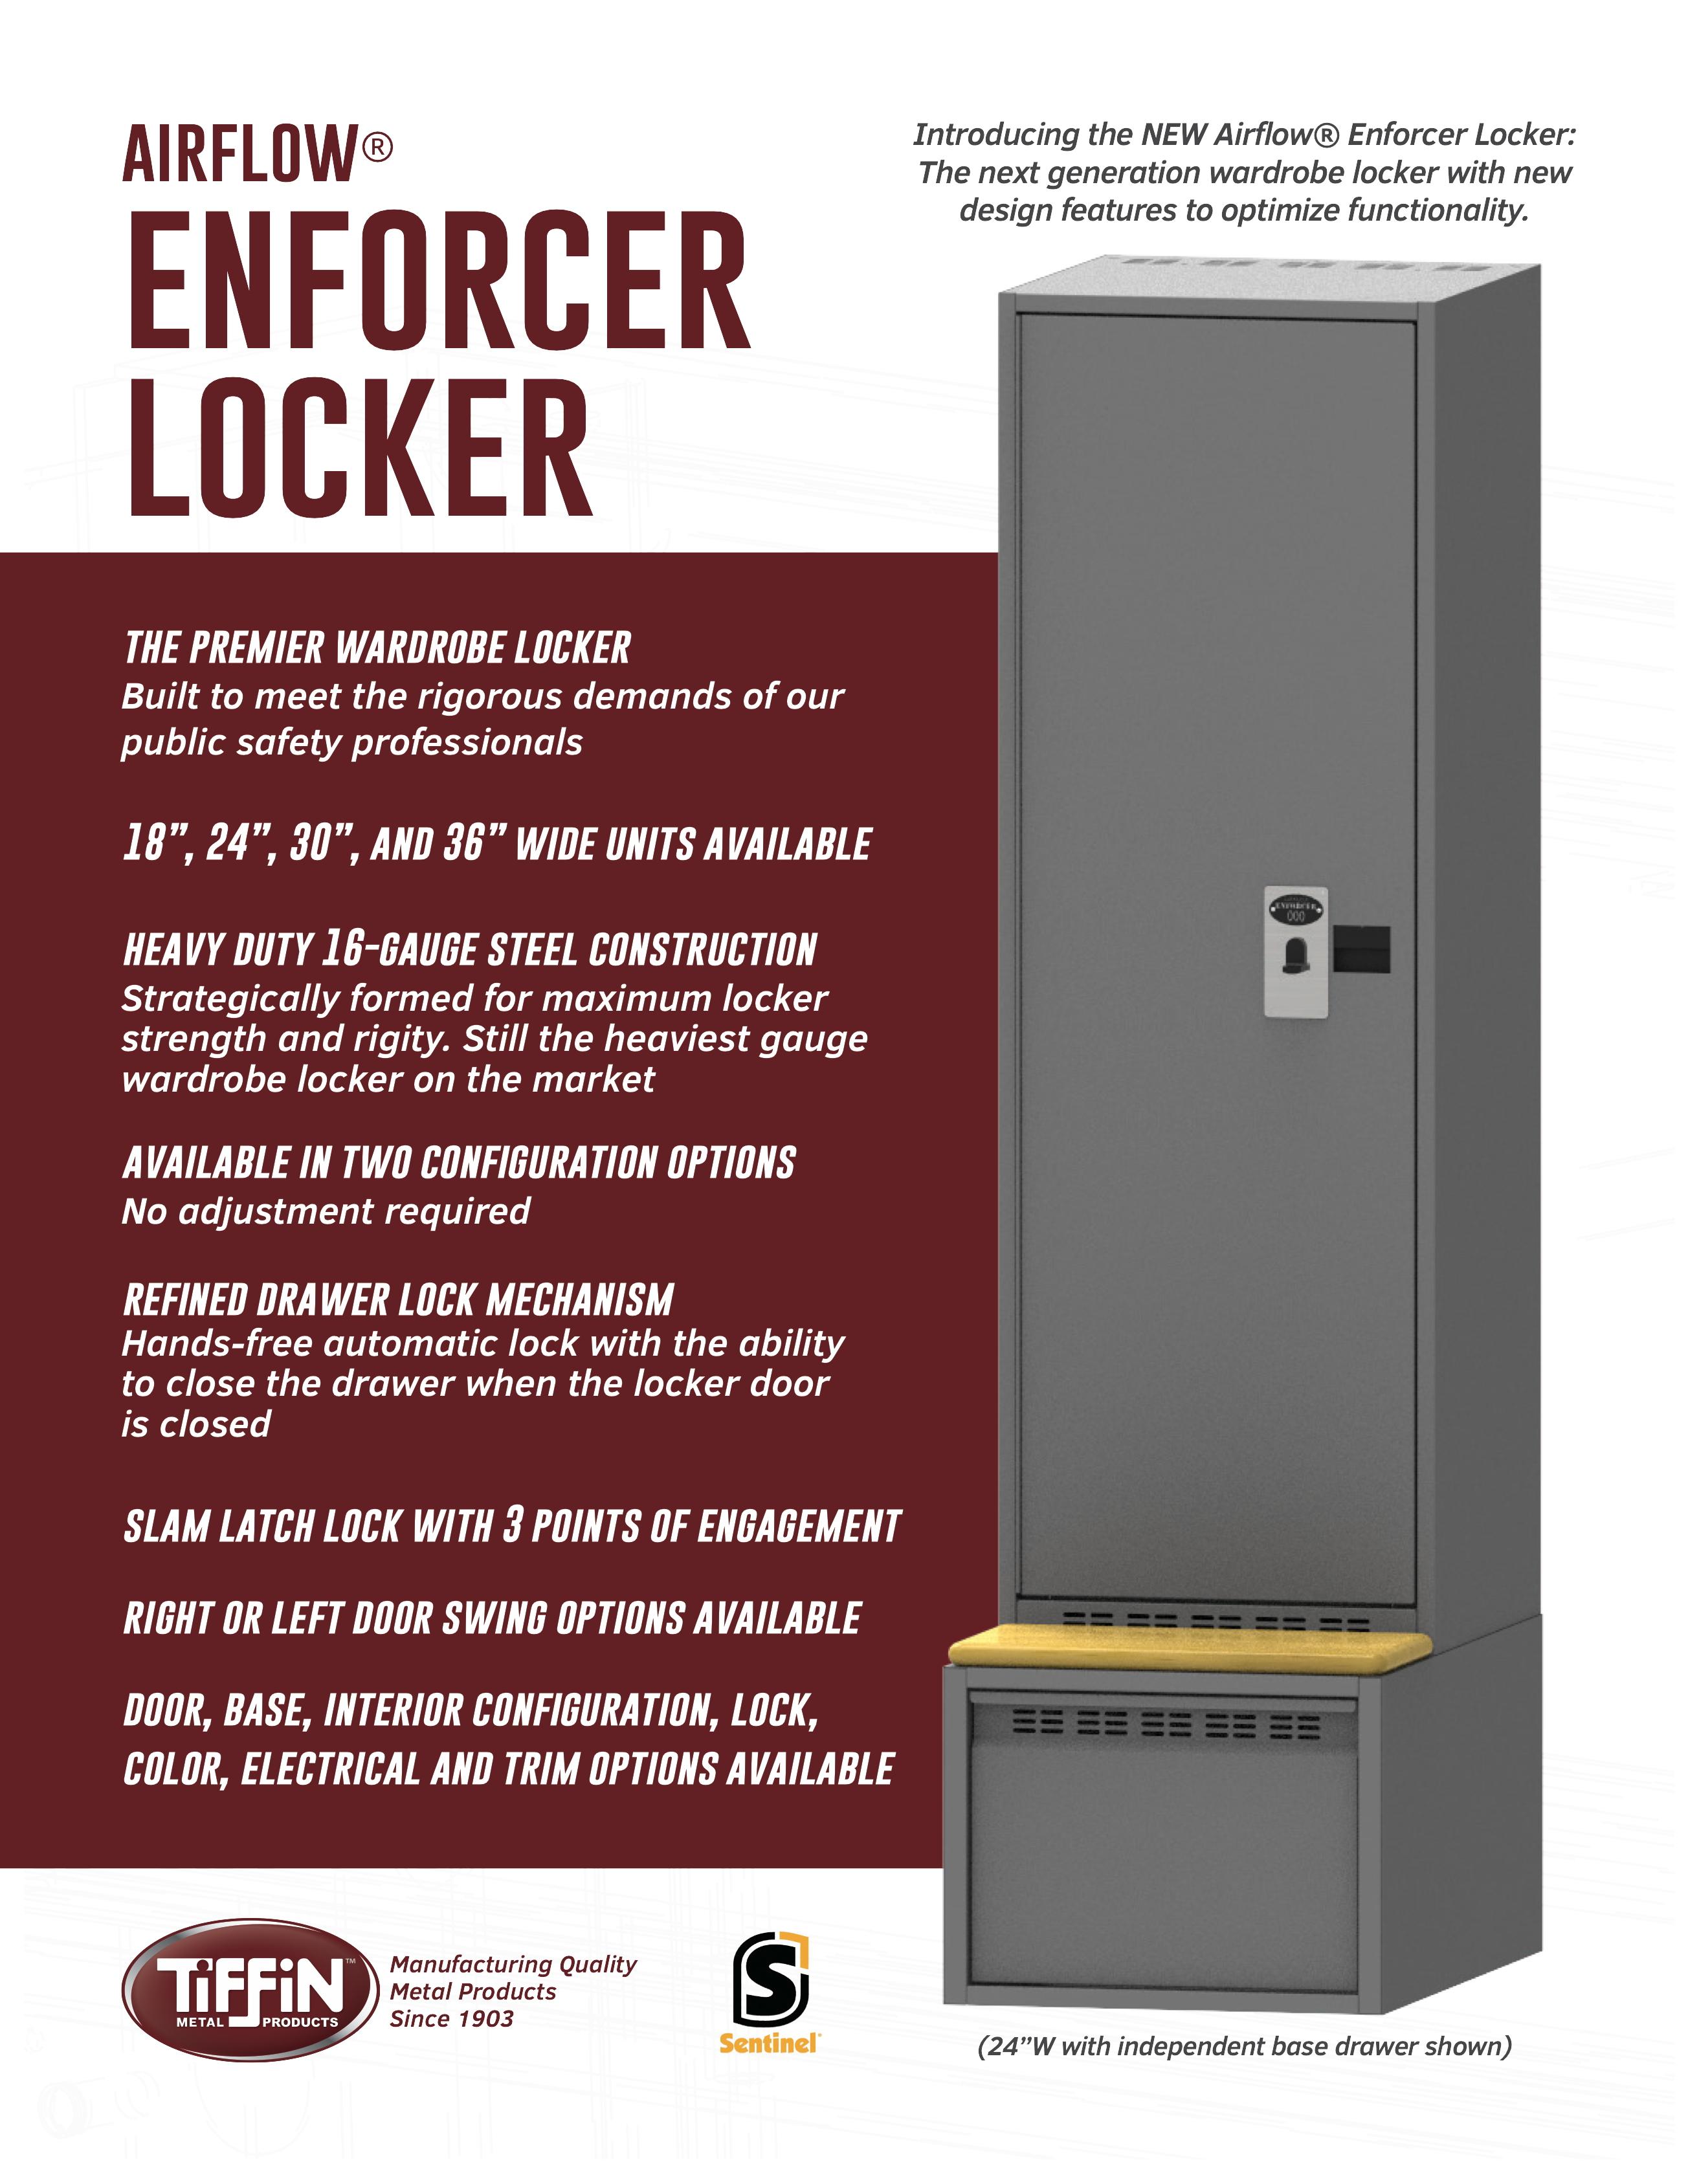 Airflow Enforcer Locker Cut Sheet